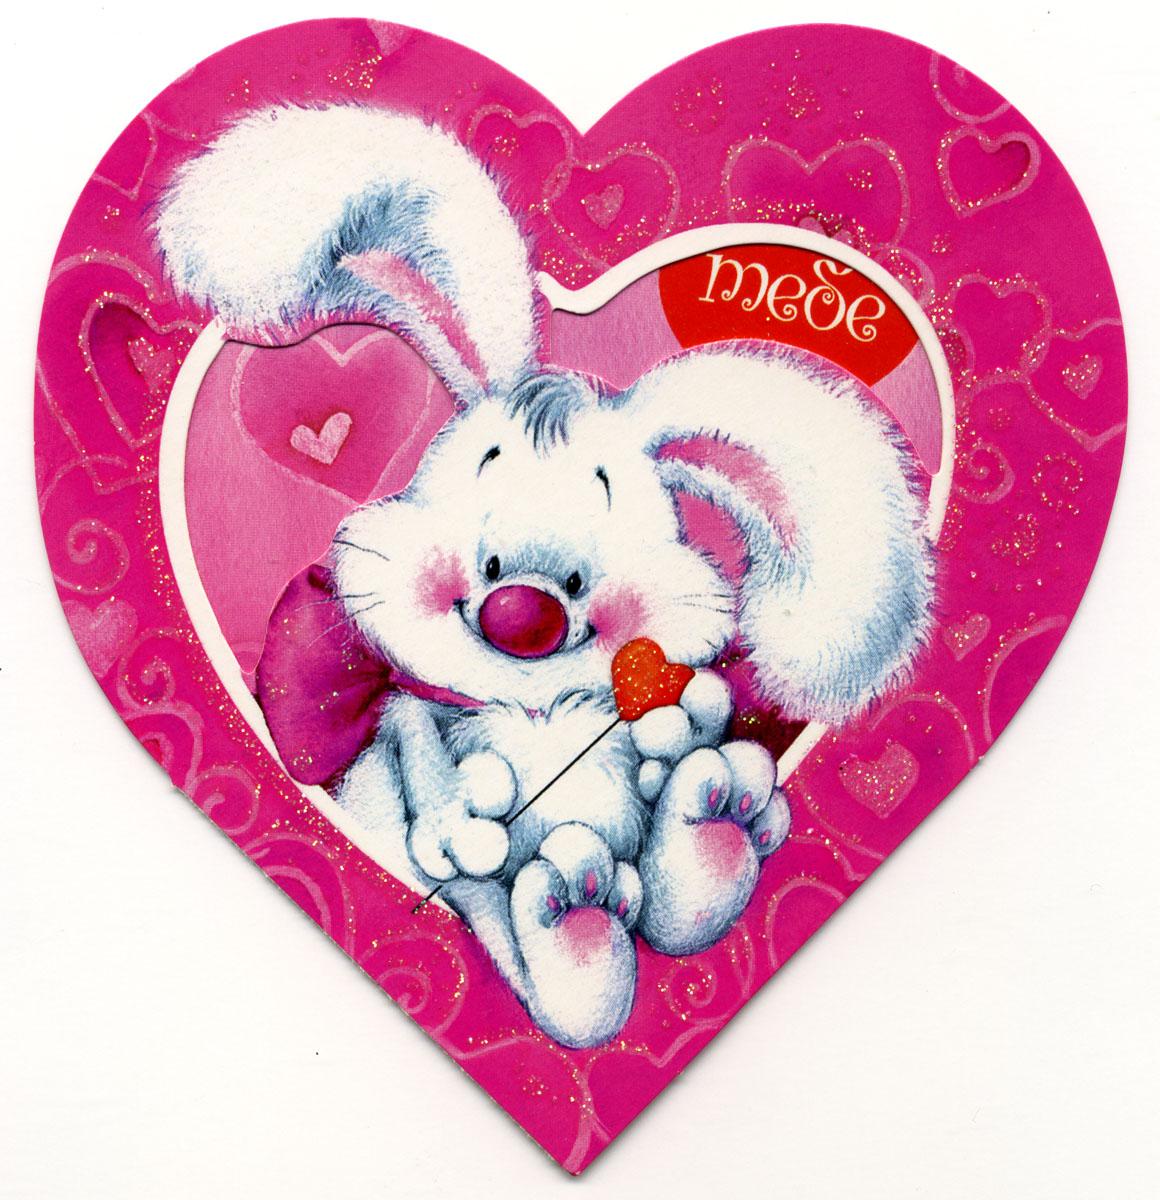 Открытки на день святого валентина: идеи поздравлений из бумаги, цветов и пуговиц